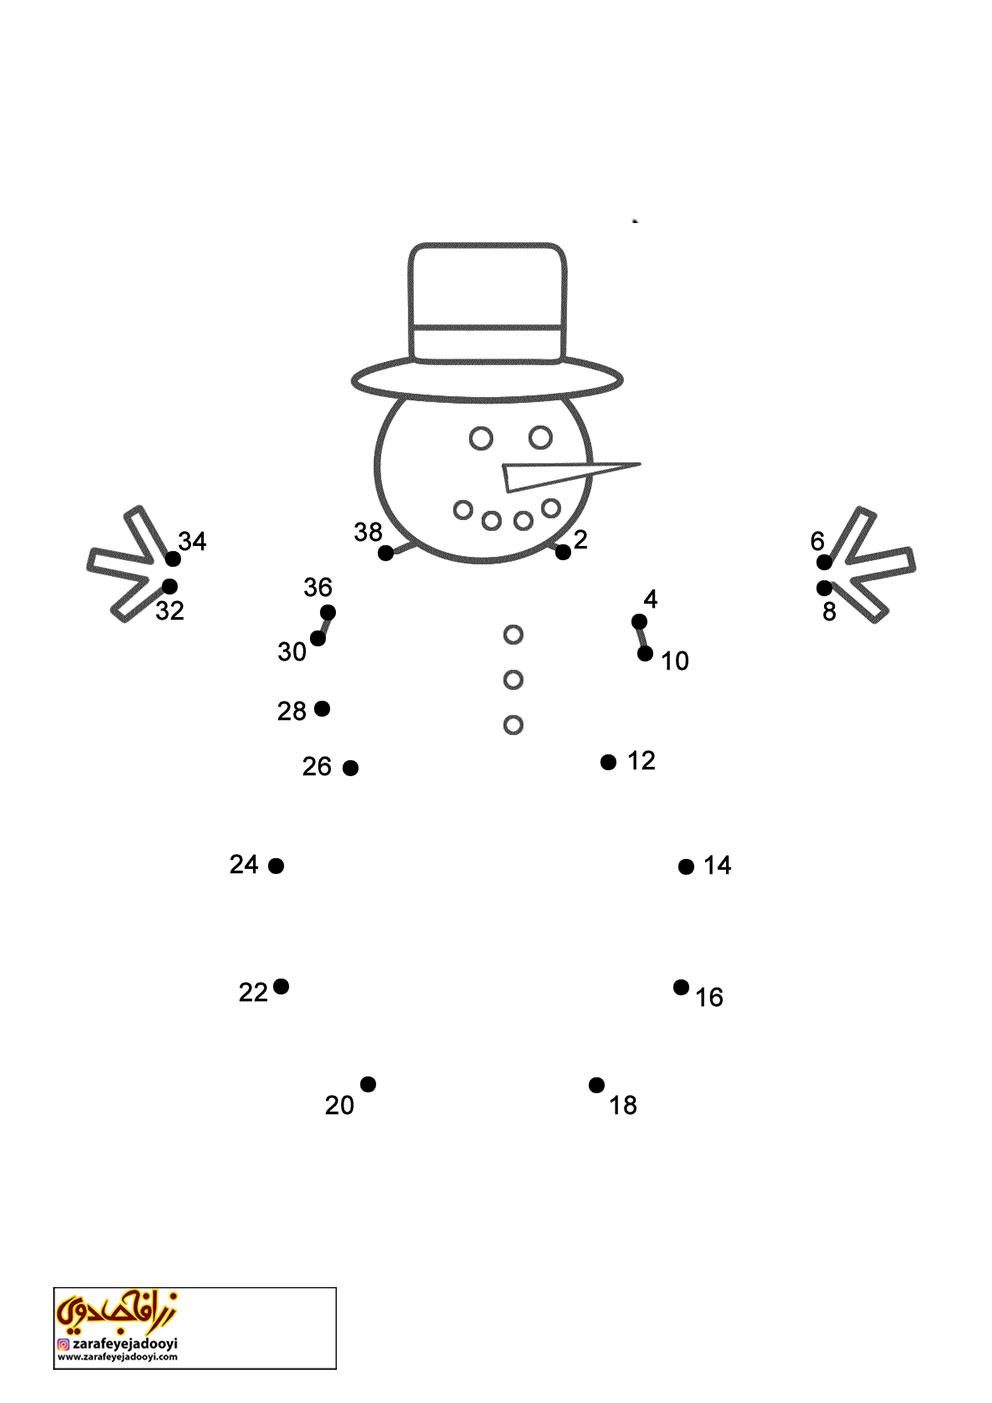 زرافه-جادویی-نقاشی-نقطه-به-نقطه-048